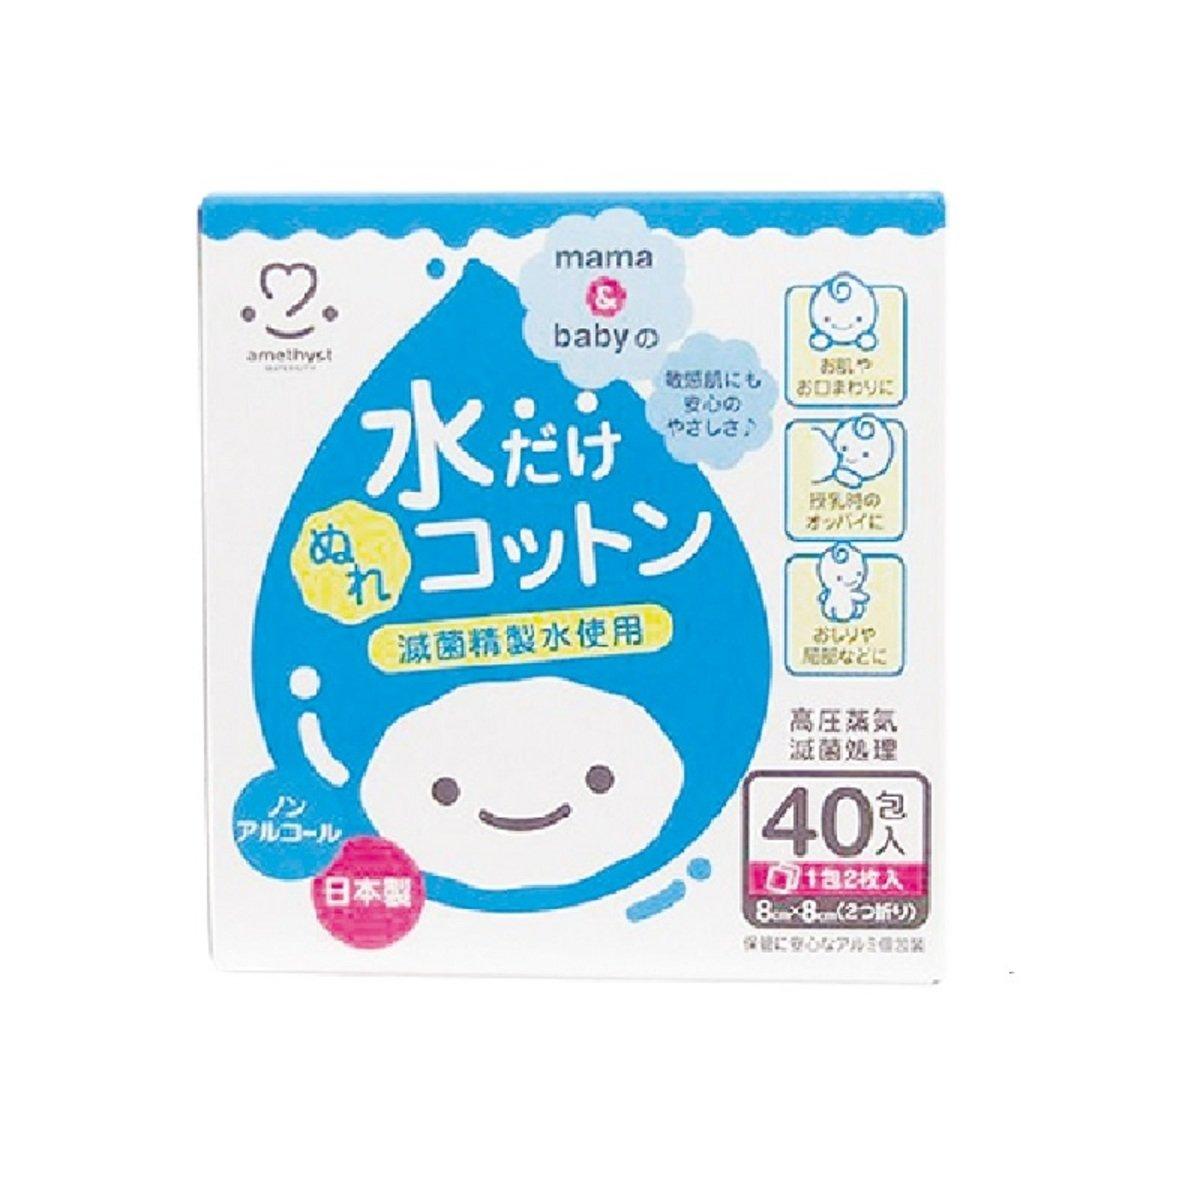 嬰兒及孕婦專用濕清潔棉 (40 片/盒)